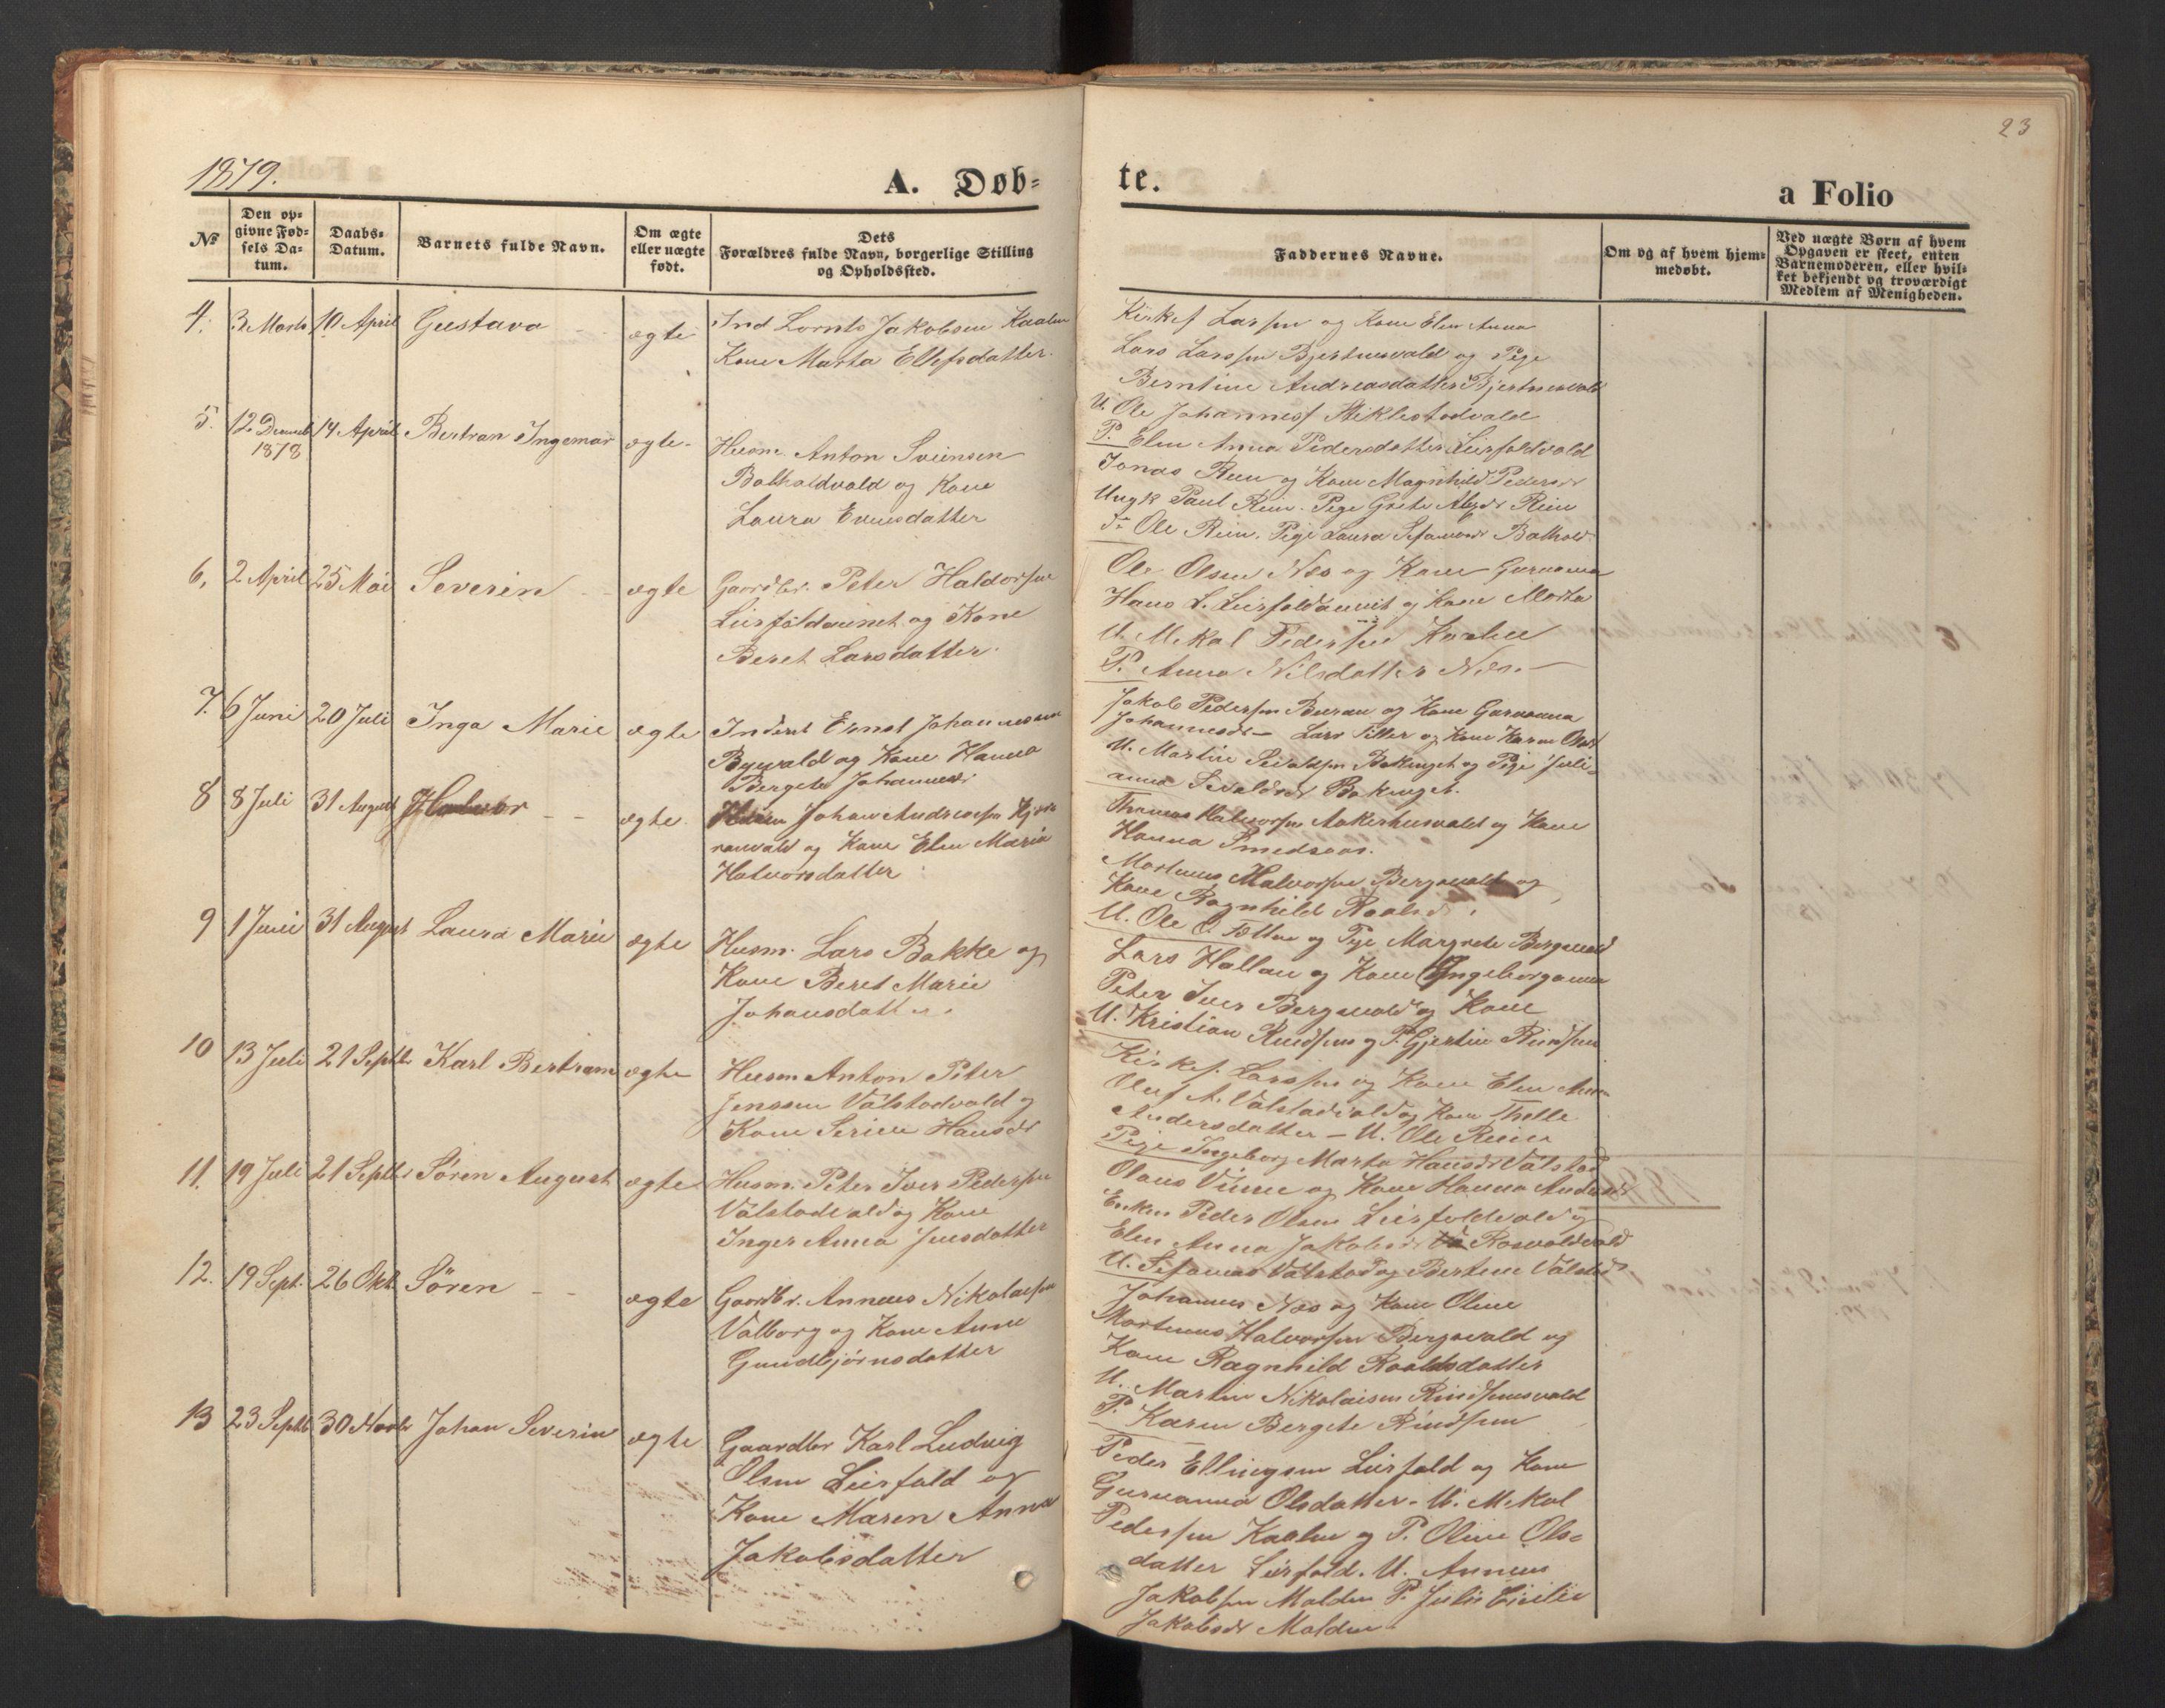 SAT, Ministerialprotokoller, klokkerbøker og fødselsregistre - Nord-Trøndelag, 726/L0271: Klokkerbok nr. 726C02, 1869-1897, s. 23